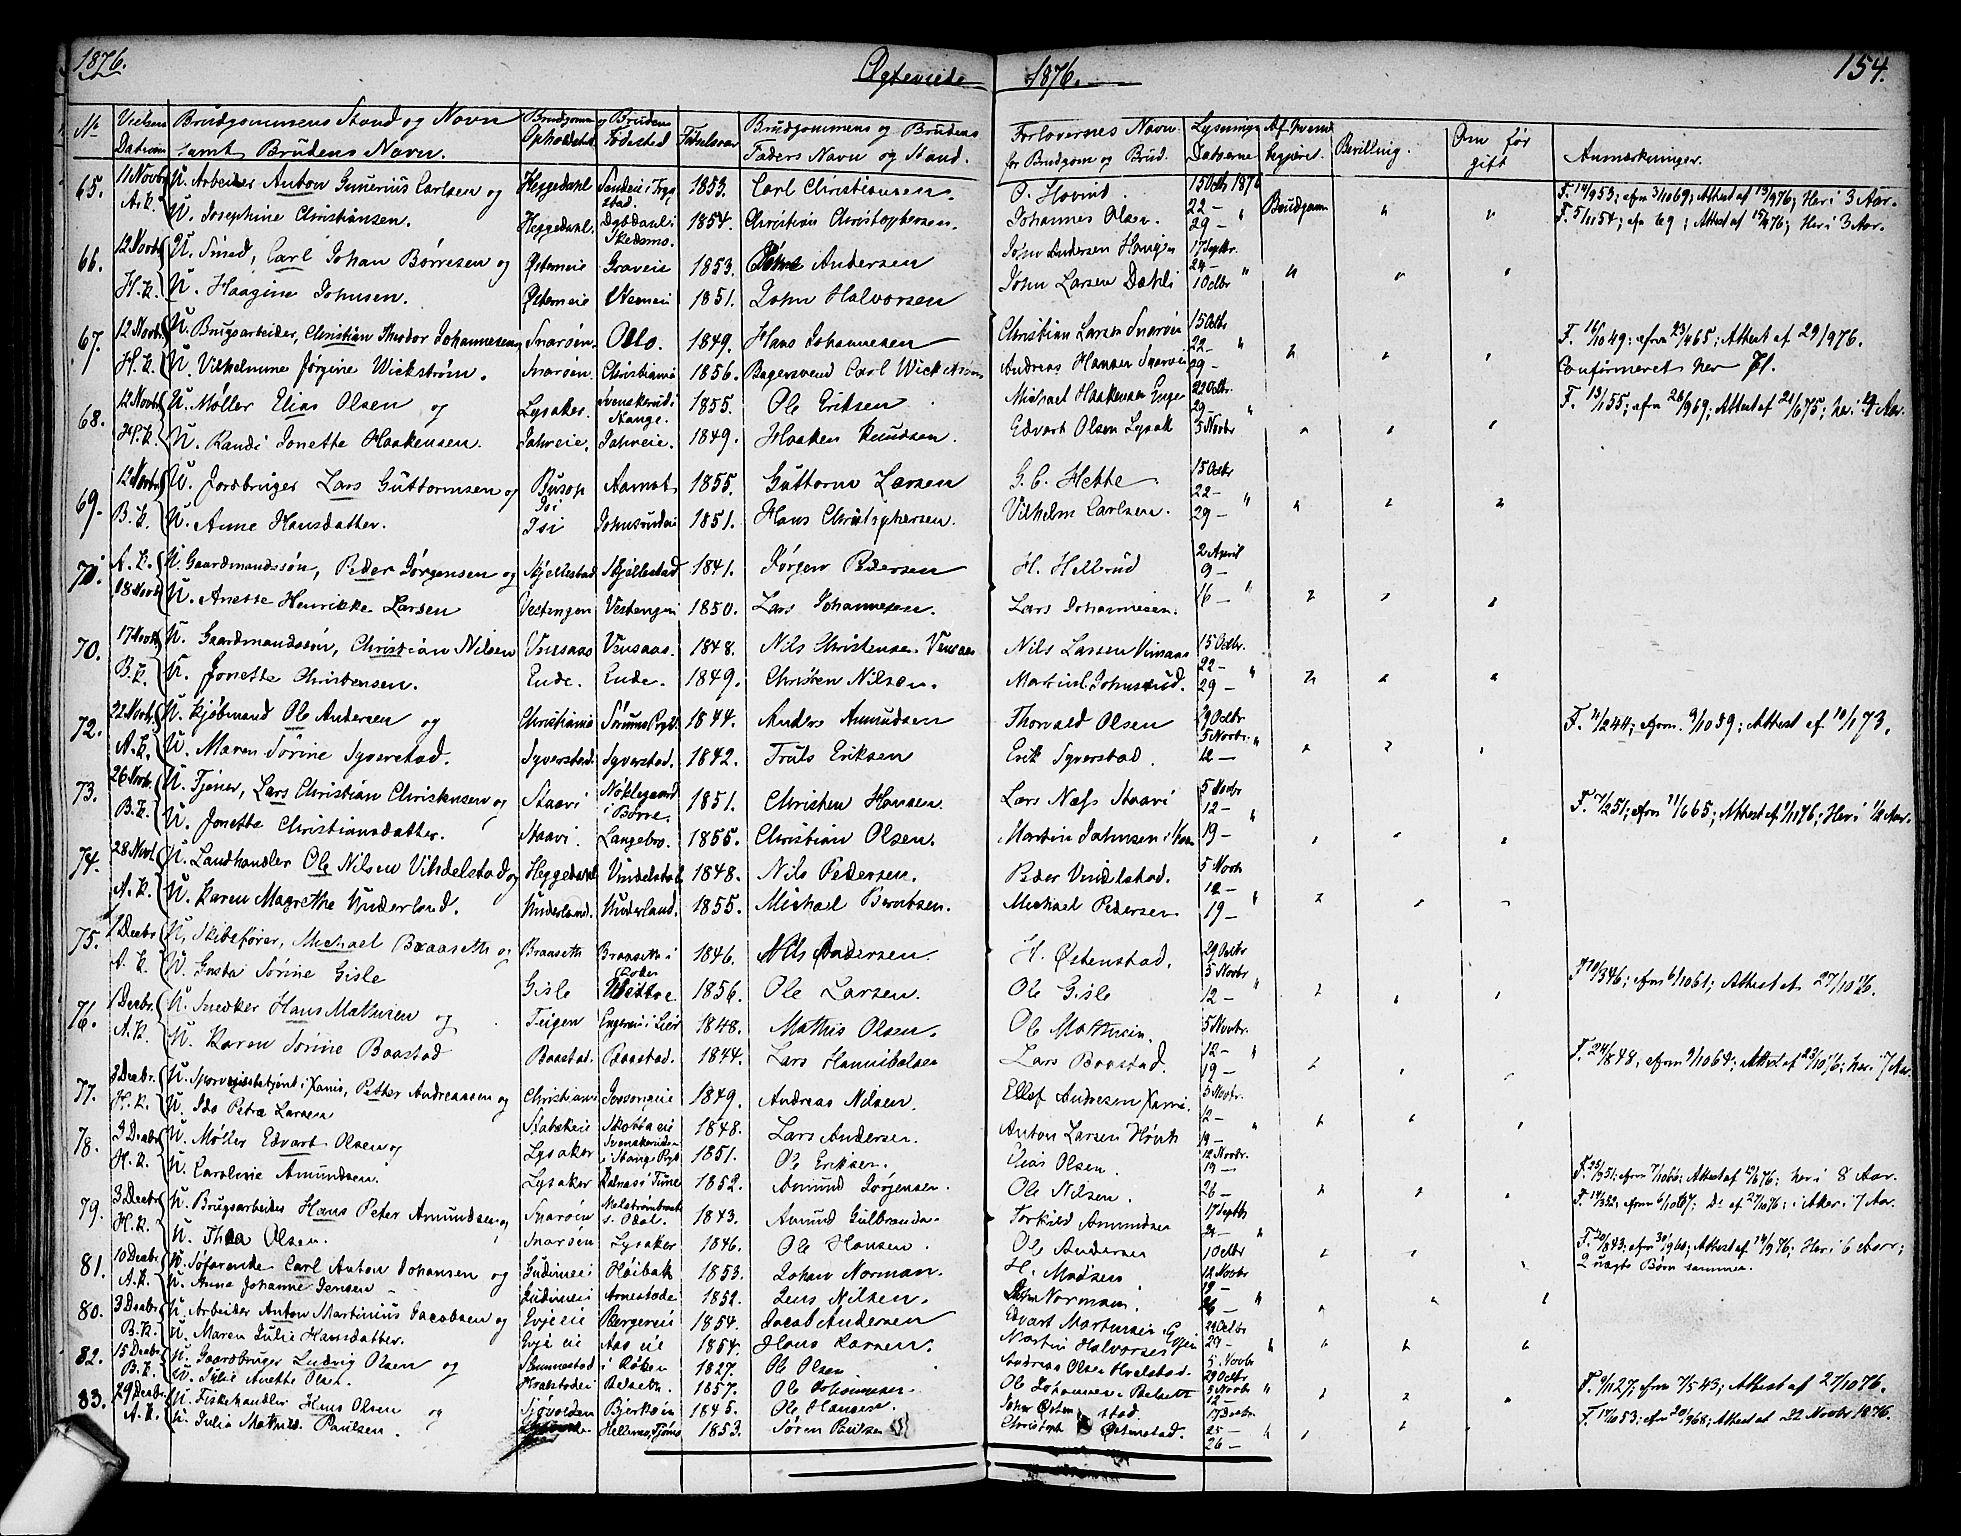 SAO, Asker prestekontor Kirkebøker, F/Fa/L0010: Ministerialbok nr. I 10, 1825-1878, s. 154